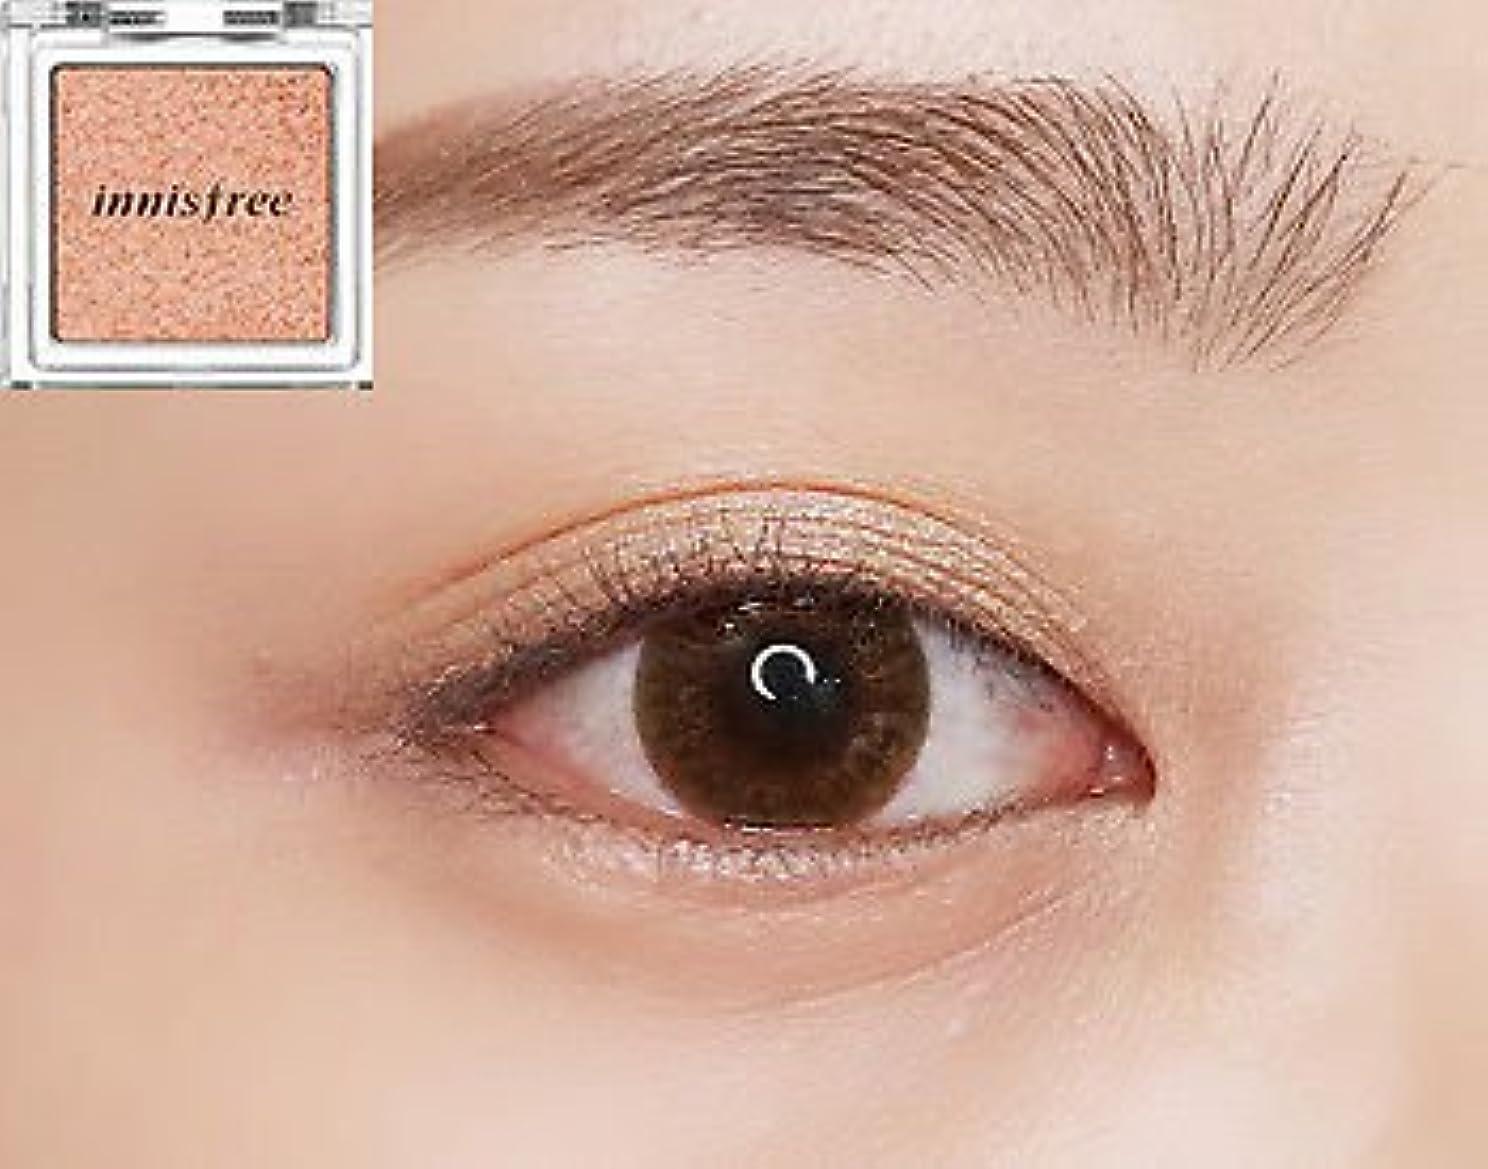 外向き失礼な修正する[イニスフリー] innisfree [マイ パレット マイ アイシャドウ (グリッタ一) 20カラー] MY PALETTE My Eyeshadow (Glitter) 20 Shades [海外直送品] (グリッタ...